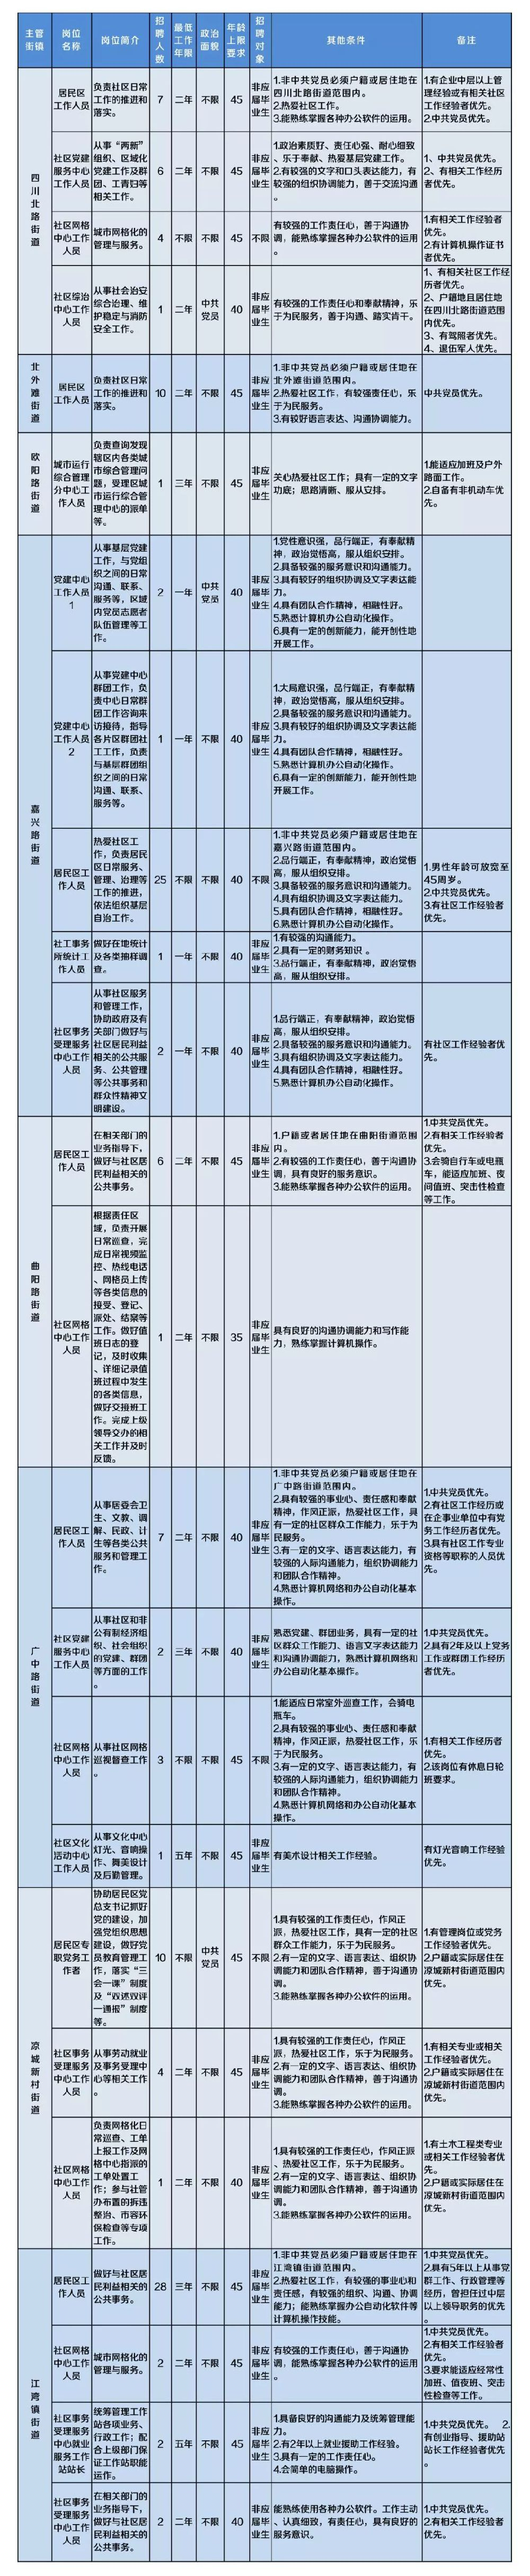 上海虹口区计划招聘129名社工人员 4月8日起报名